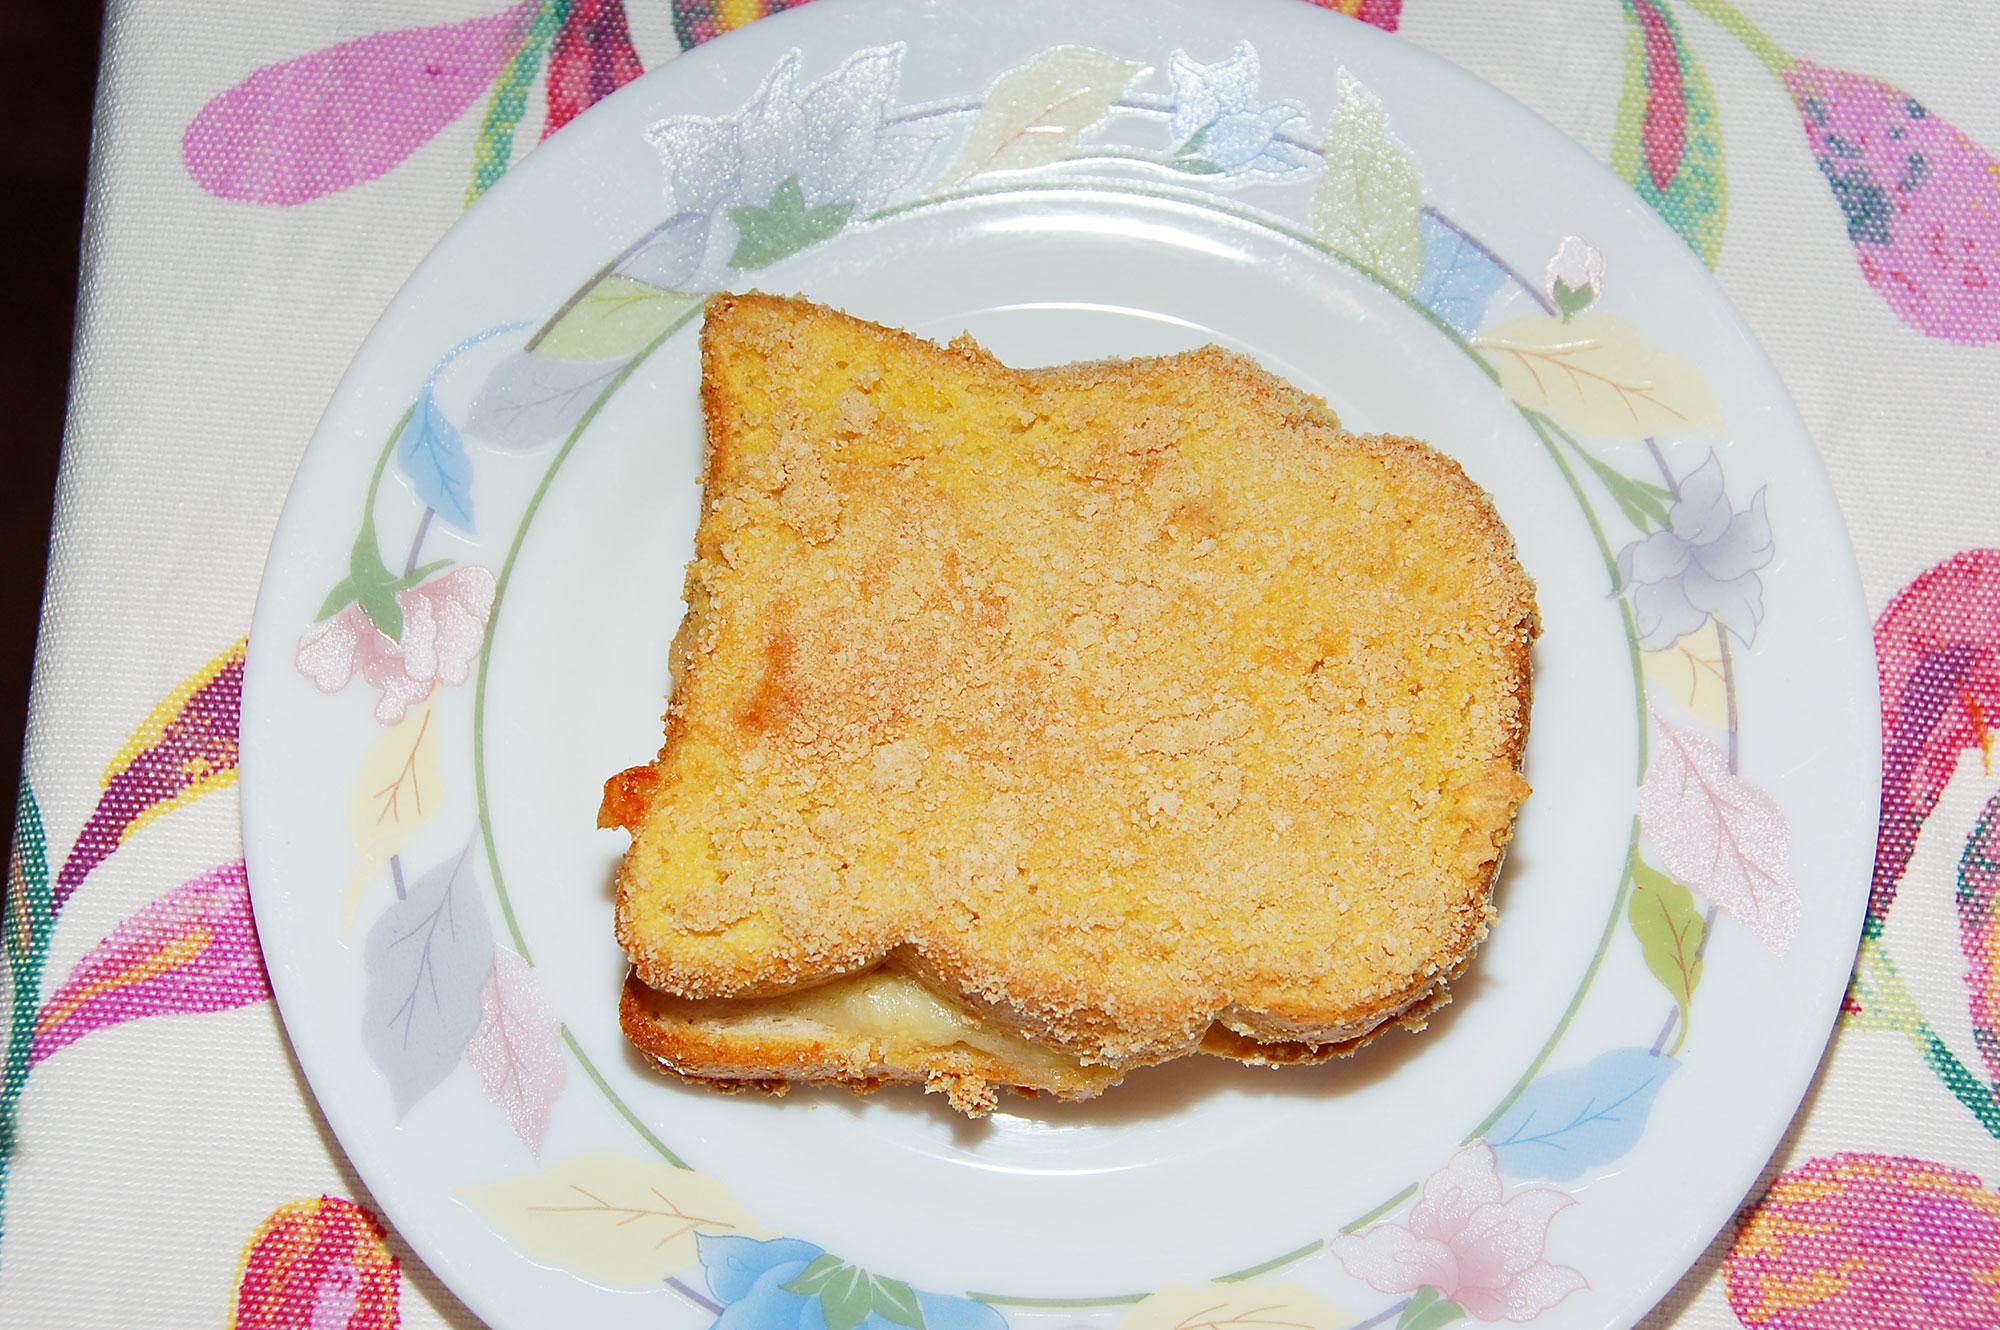 Mozzarella in carrozza al forno ricette for Ricette mozzarella in carrozza al forno